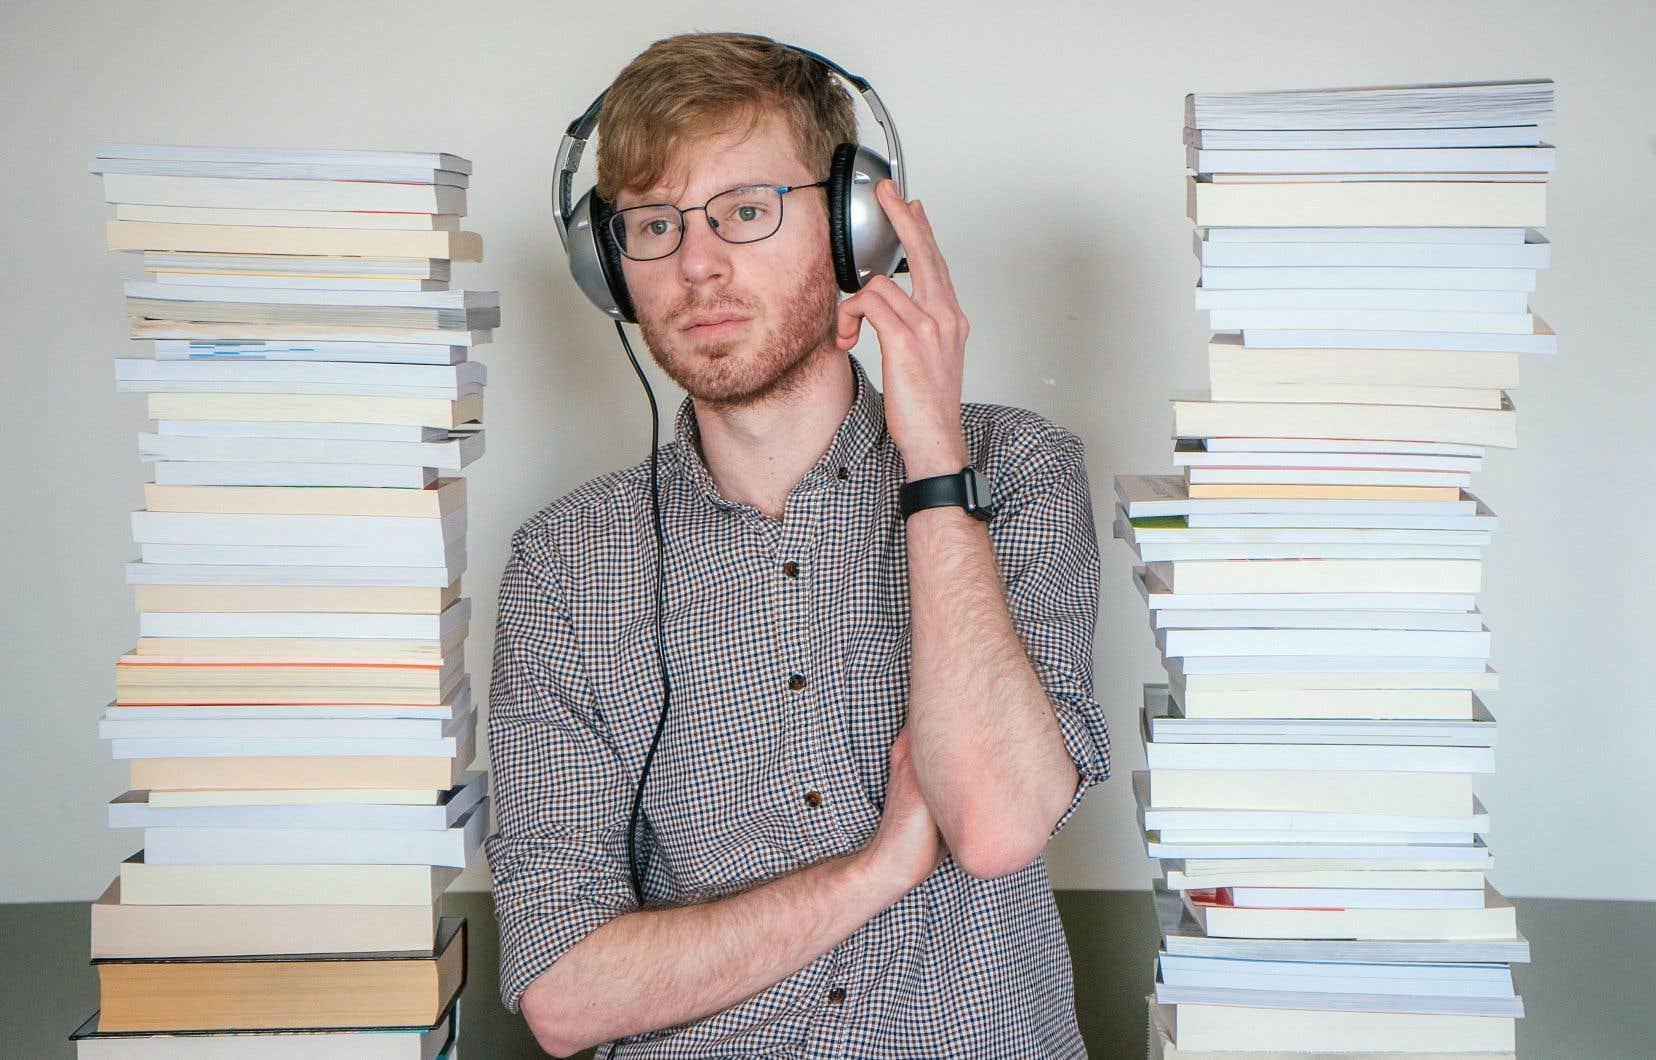 La popularité des audiolivres grandit. À la Grande Bibliothèque, le nombre de prêts de livres sonores en ligne est passé de 45 000 à environ 90 000 en trois ans.